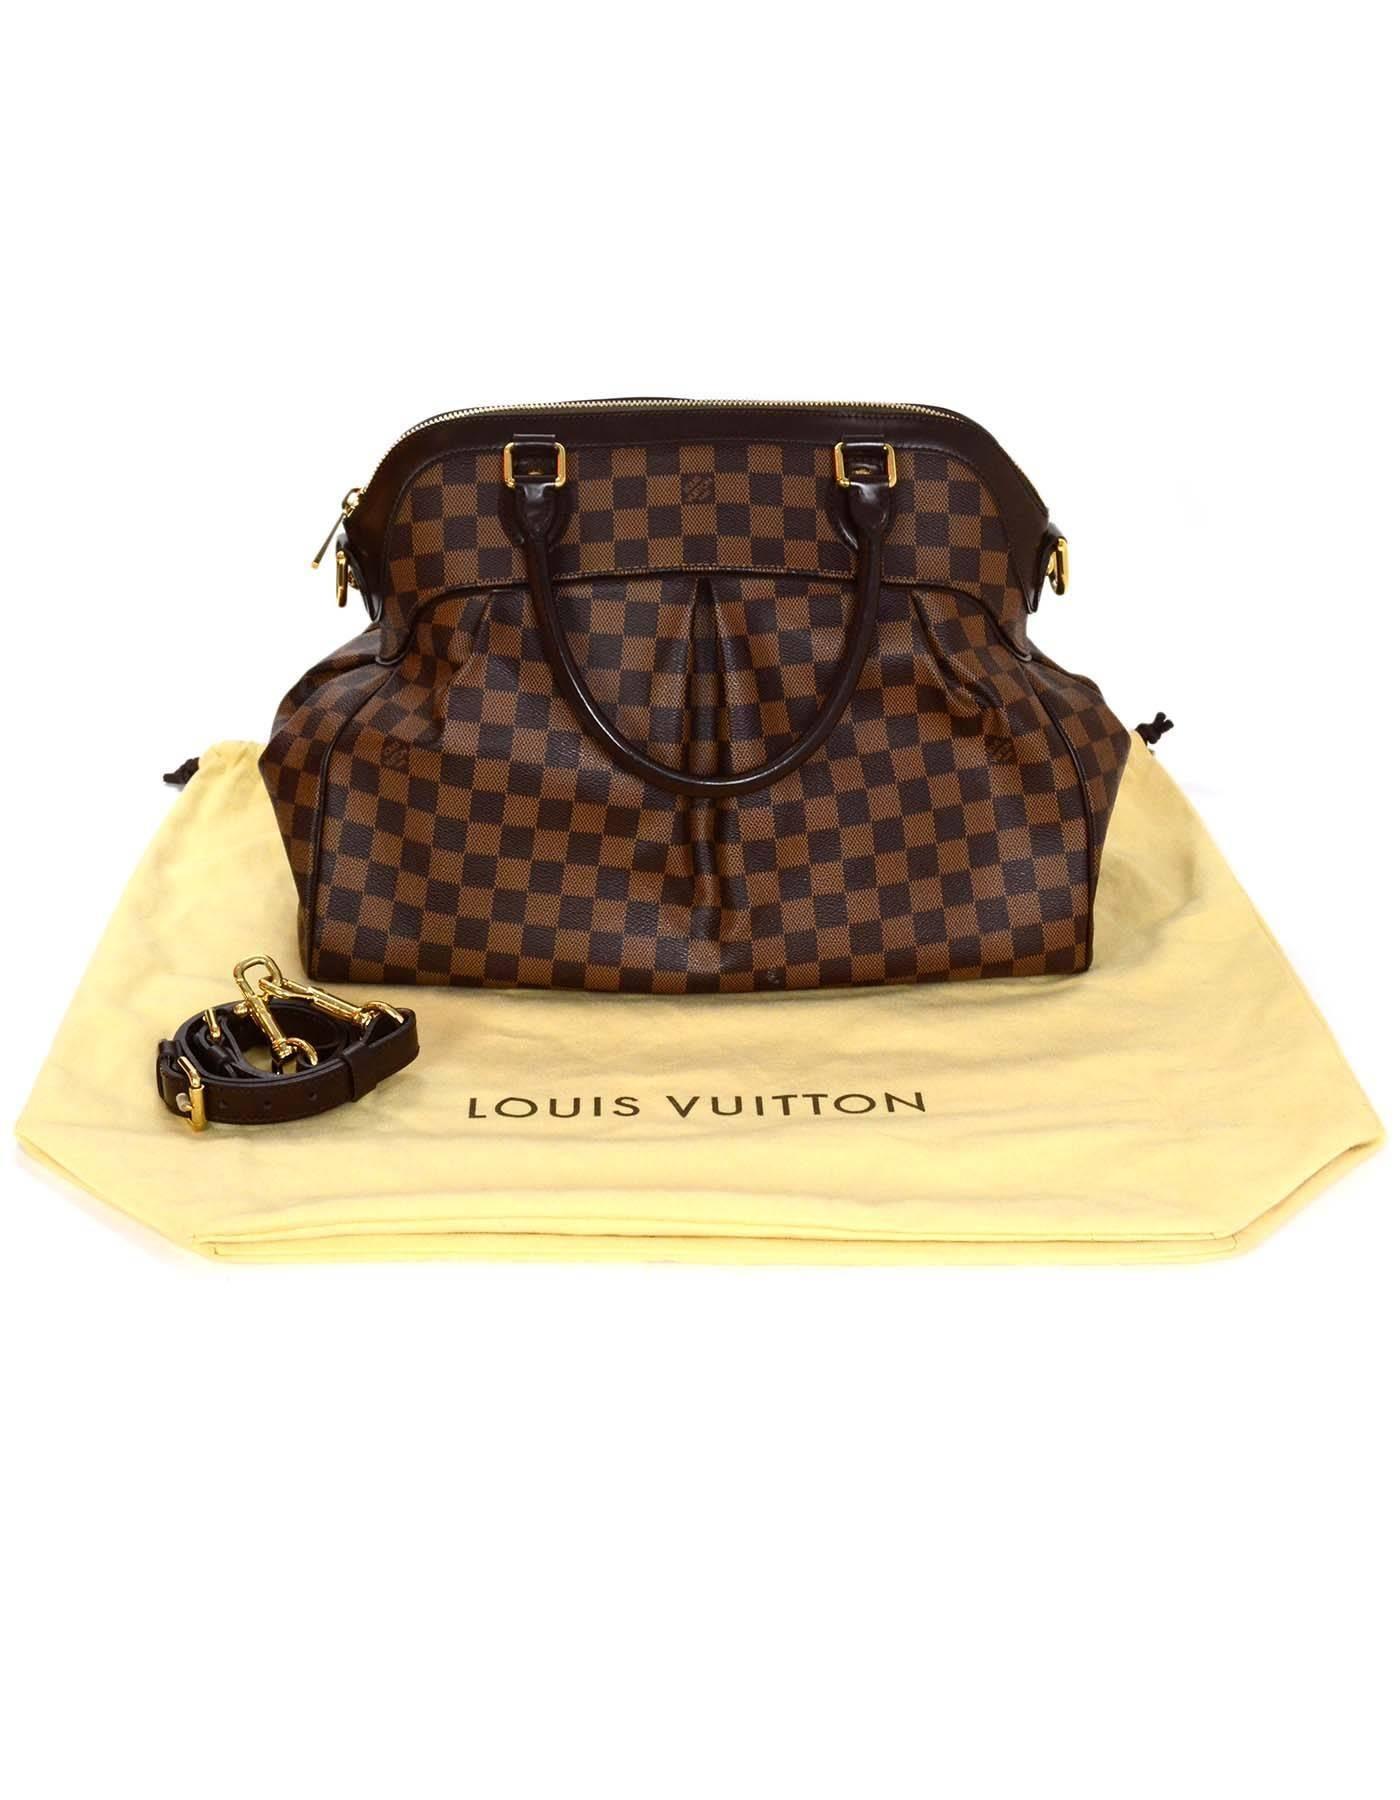 cb0ac21a36d Louis Vuitton Damier Ebene Trevi GM Bag w  Strap rt.  2